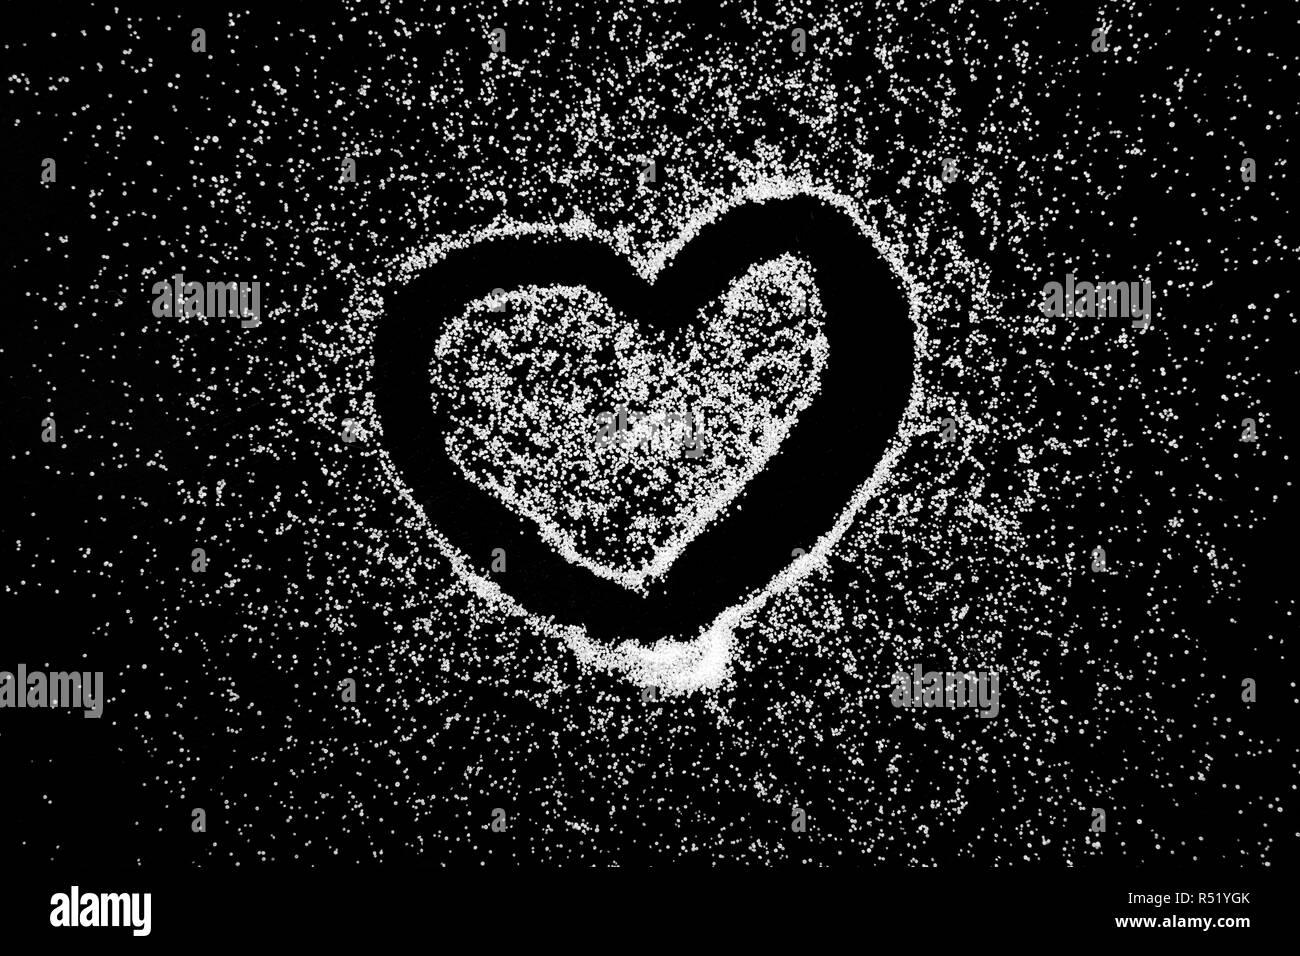 Amour Symbole Coeur Fermé Dessin De Doigt Sur La Poudre De